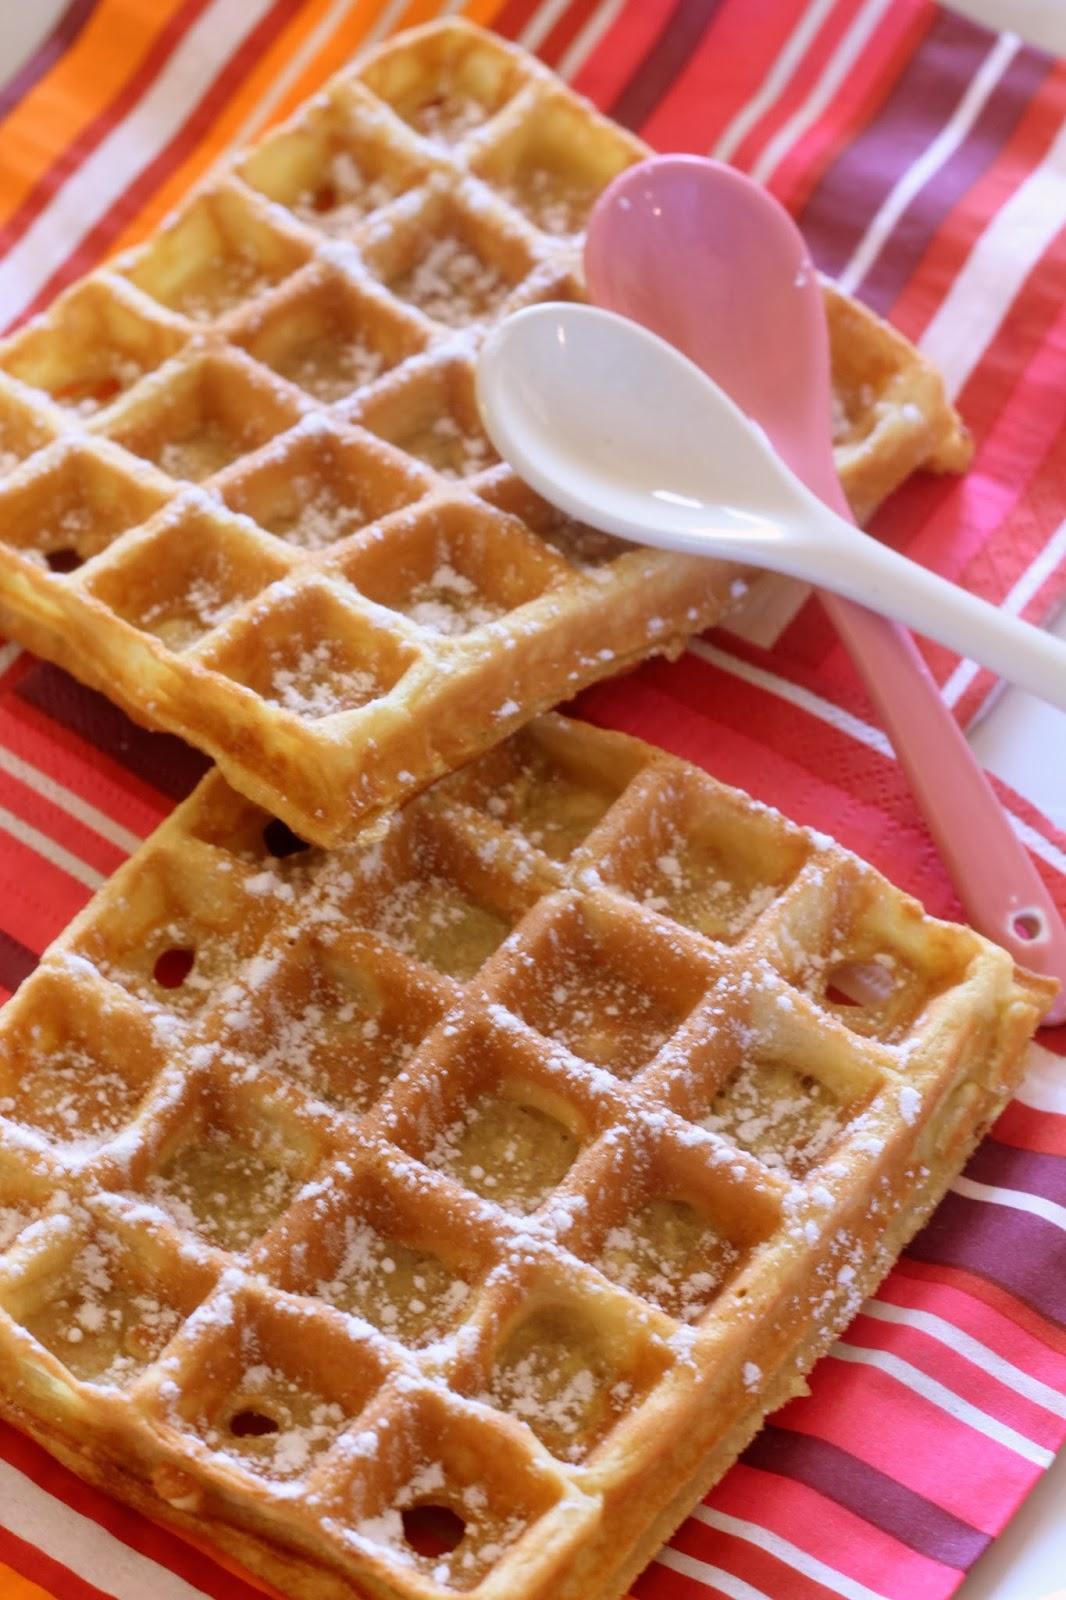 Flo bidouille en cuisine les gaufres de cyril lignac - Pate a gaufre cyril lignac ...